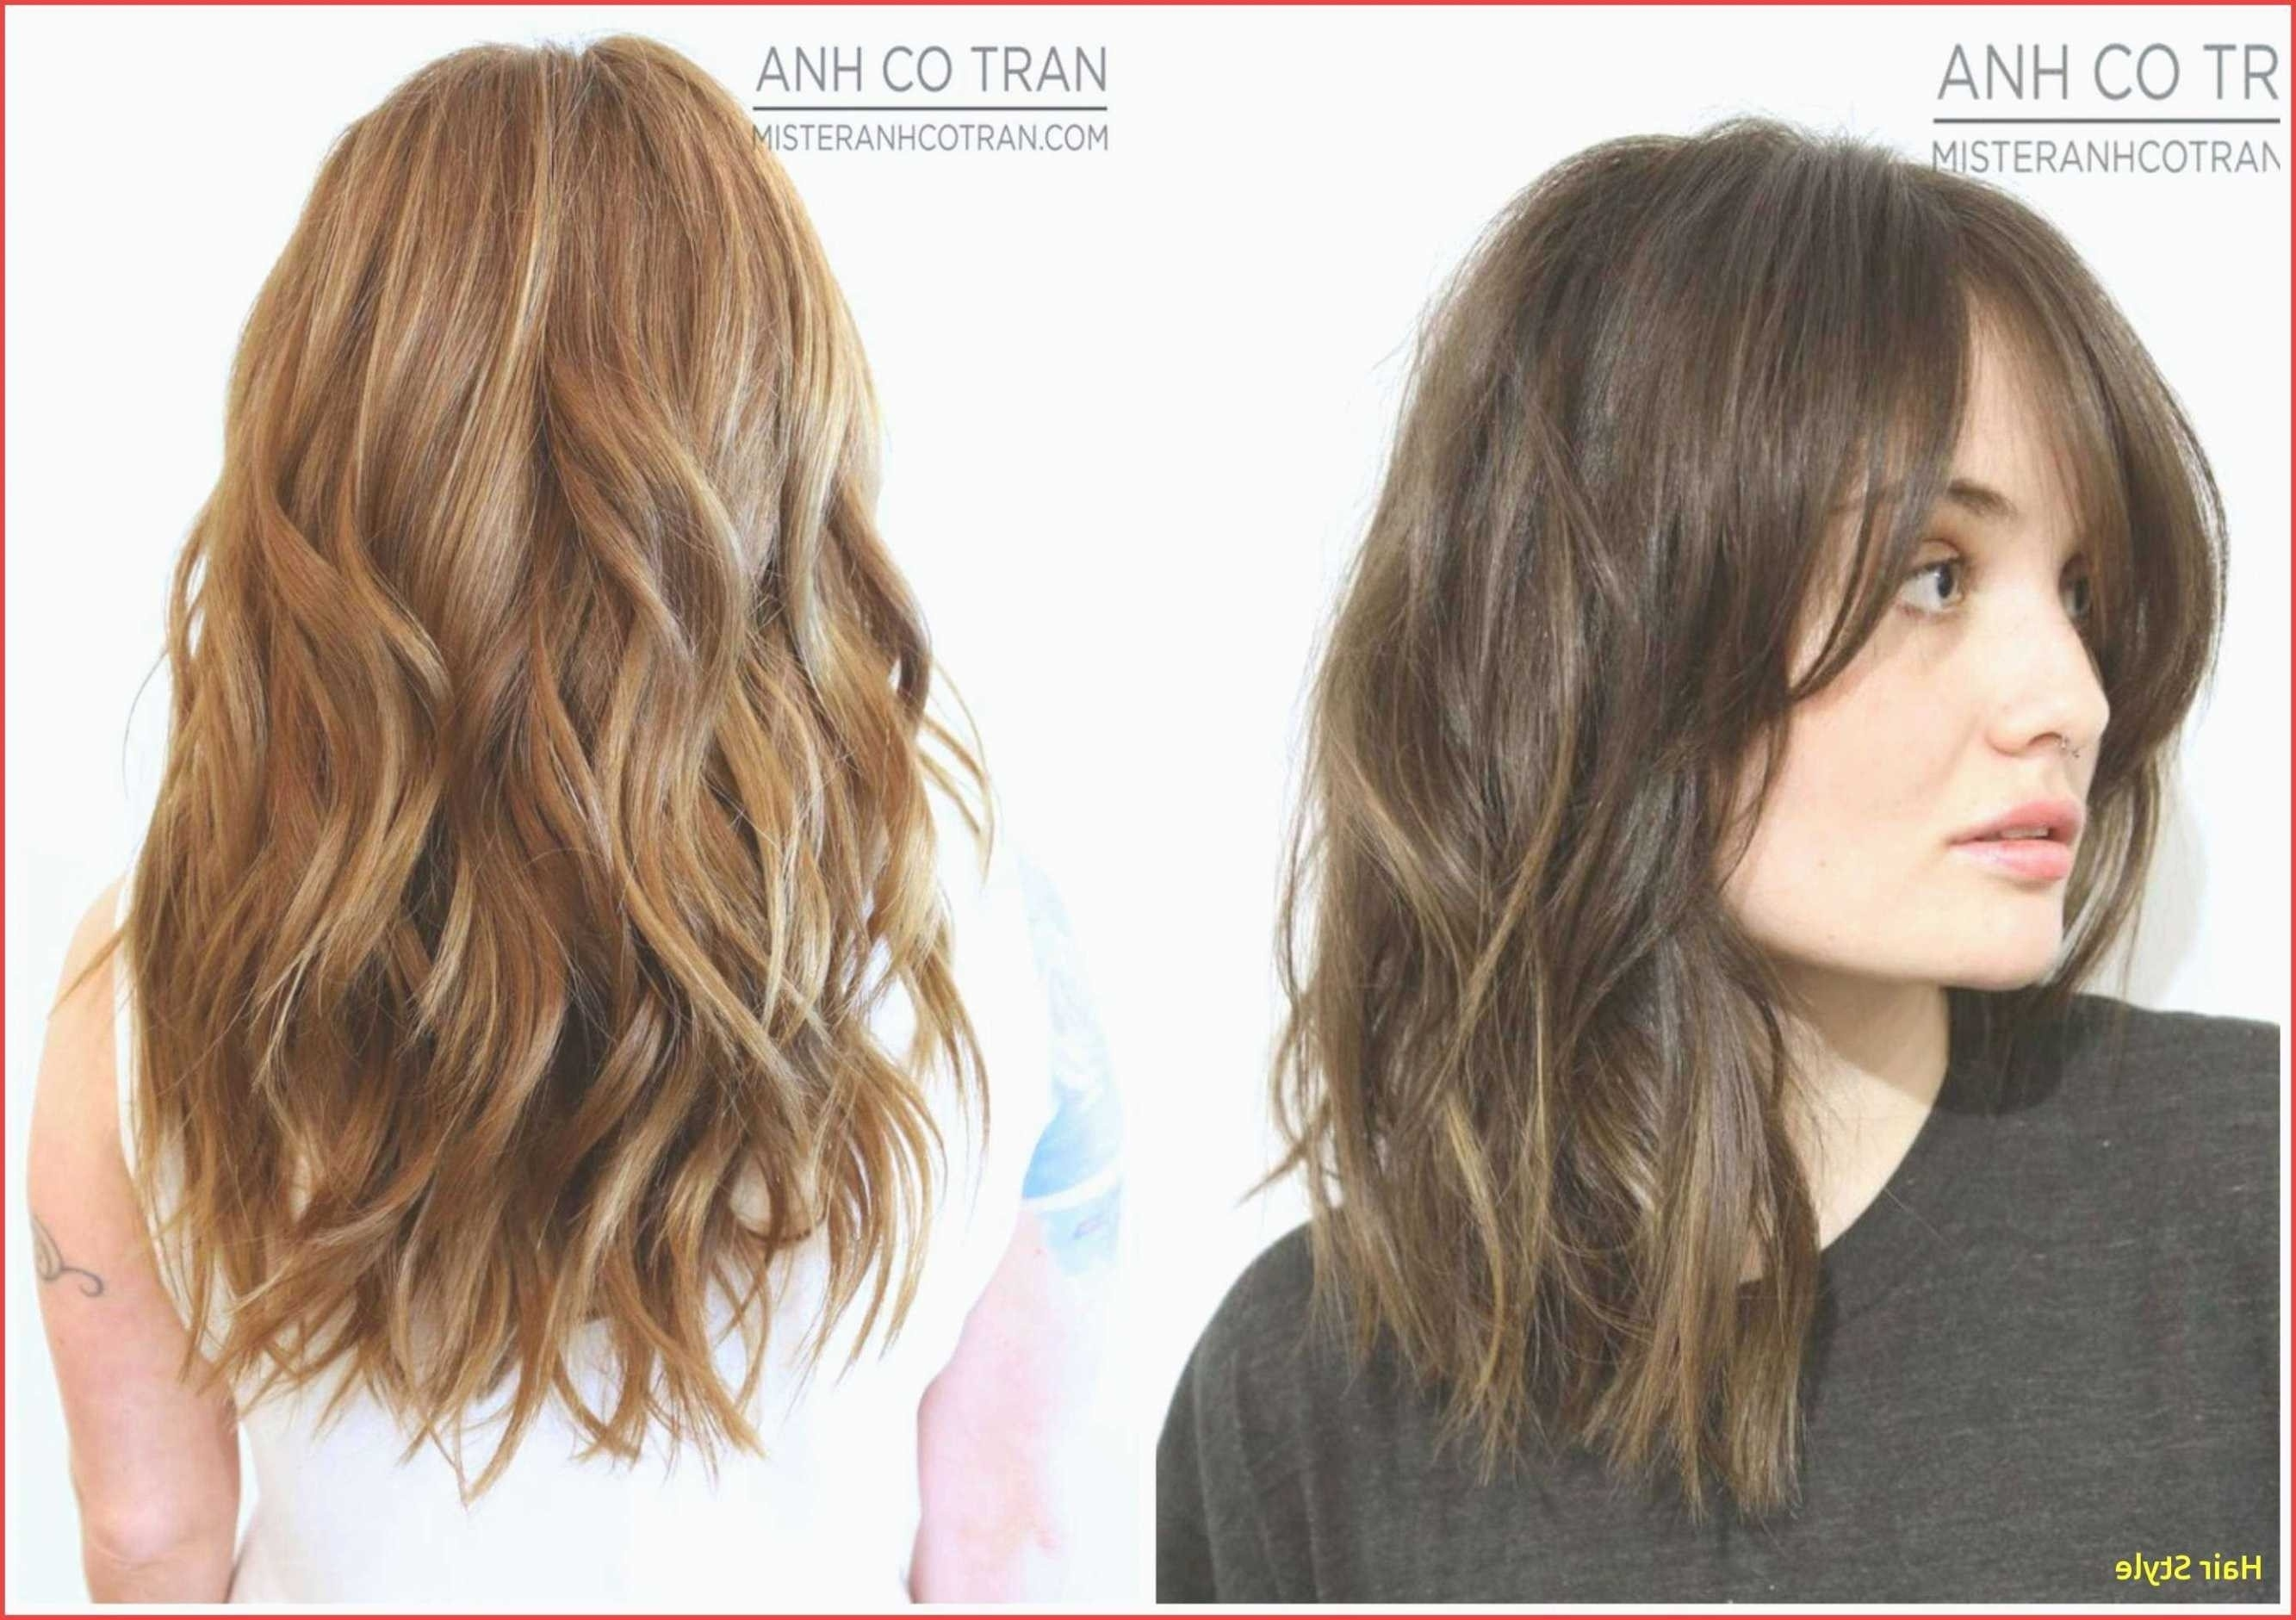 Hairstyles : Thin Hair Girls Haircut Most Inspiring Best Asian Short regarding Premier Asian Hairstyles Thin Hair